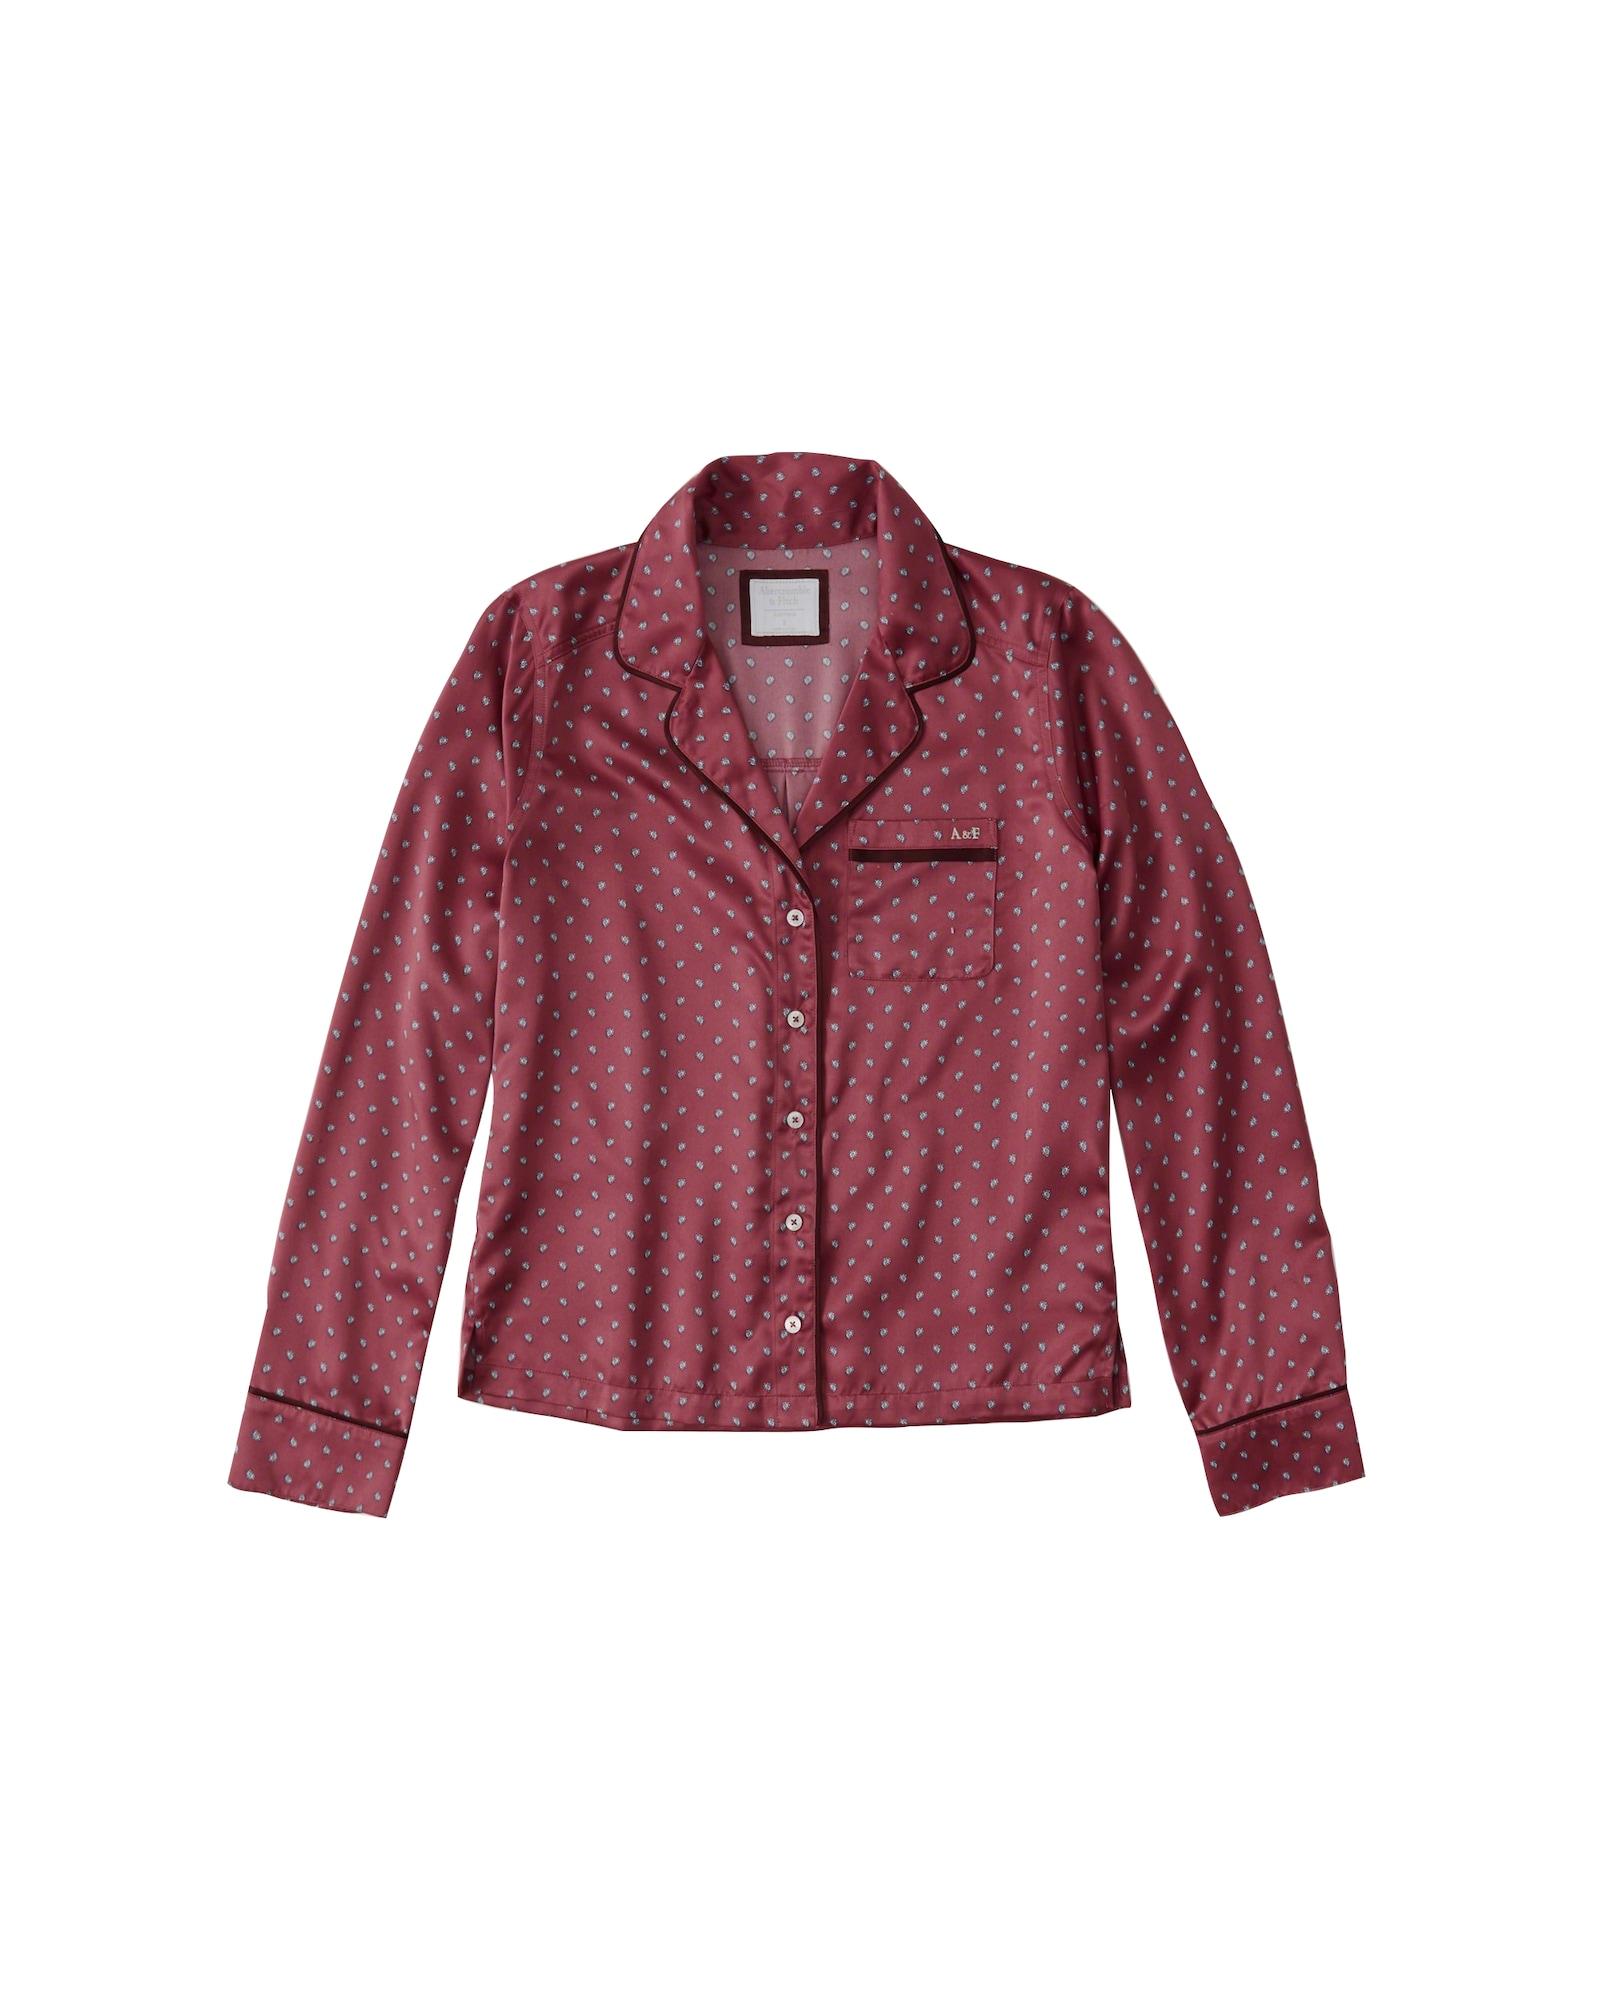 Tričko na spaní MENSWEAR LS SHIRT eosin Abercrombie & Fitch